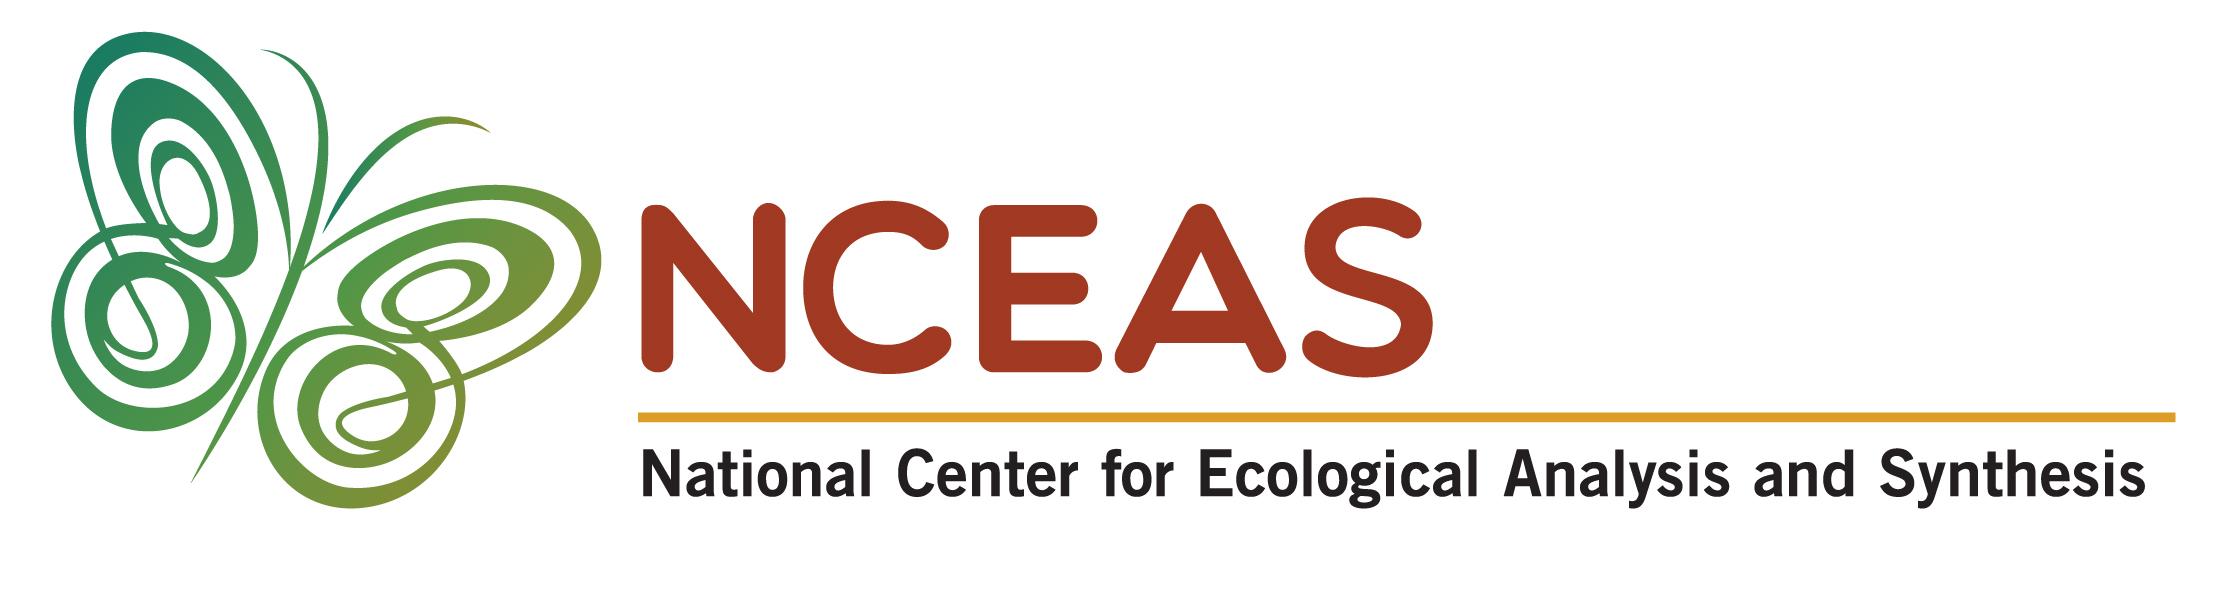 NCEAS logo